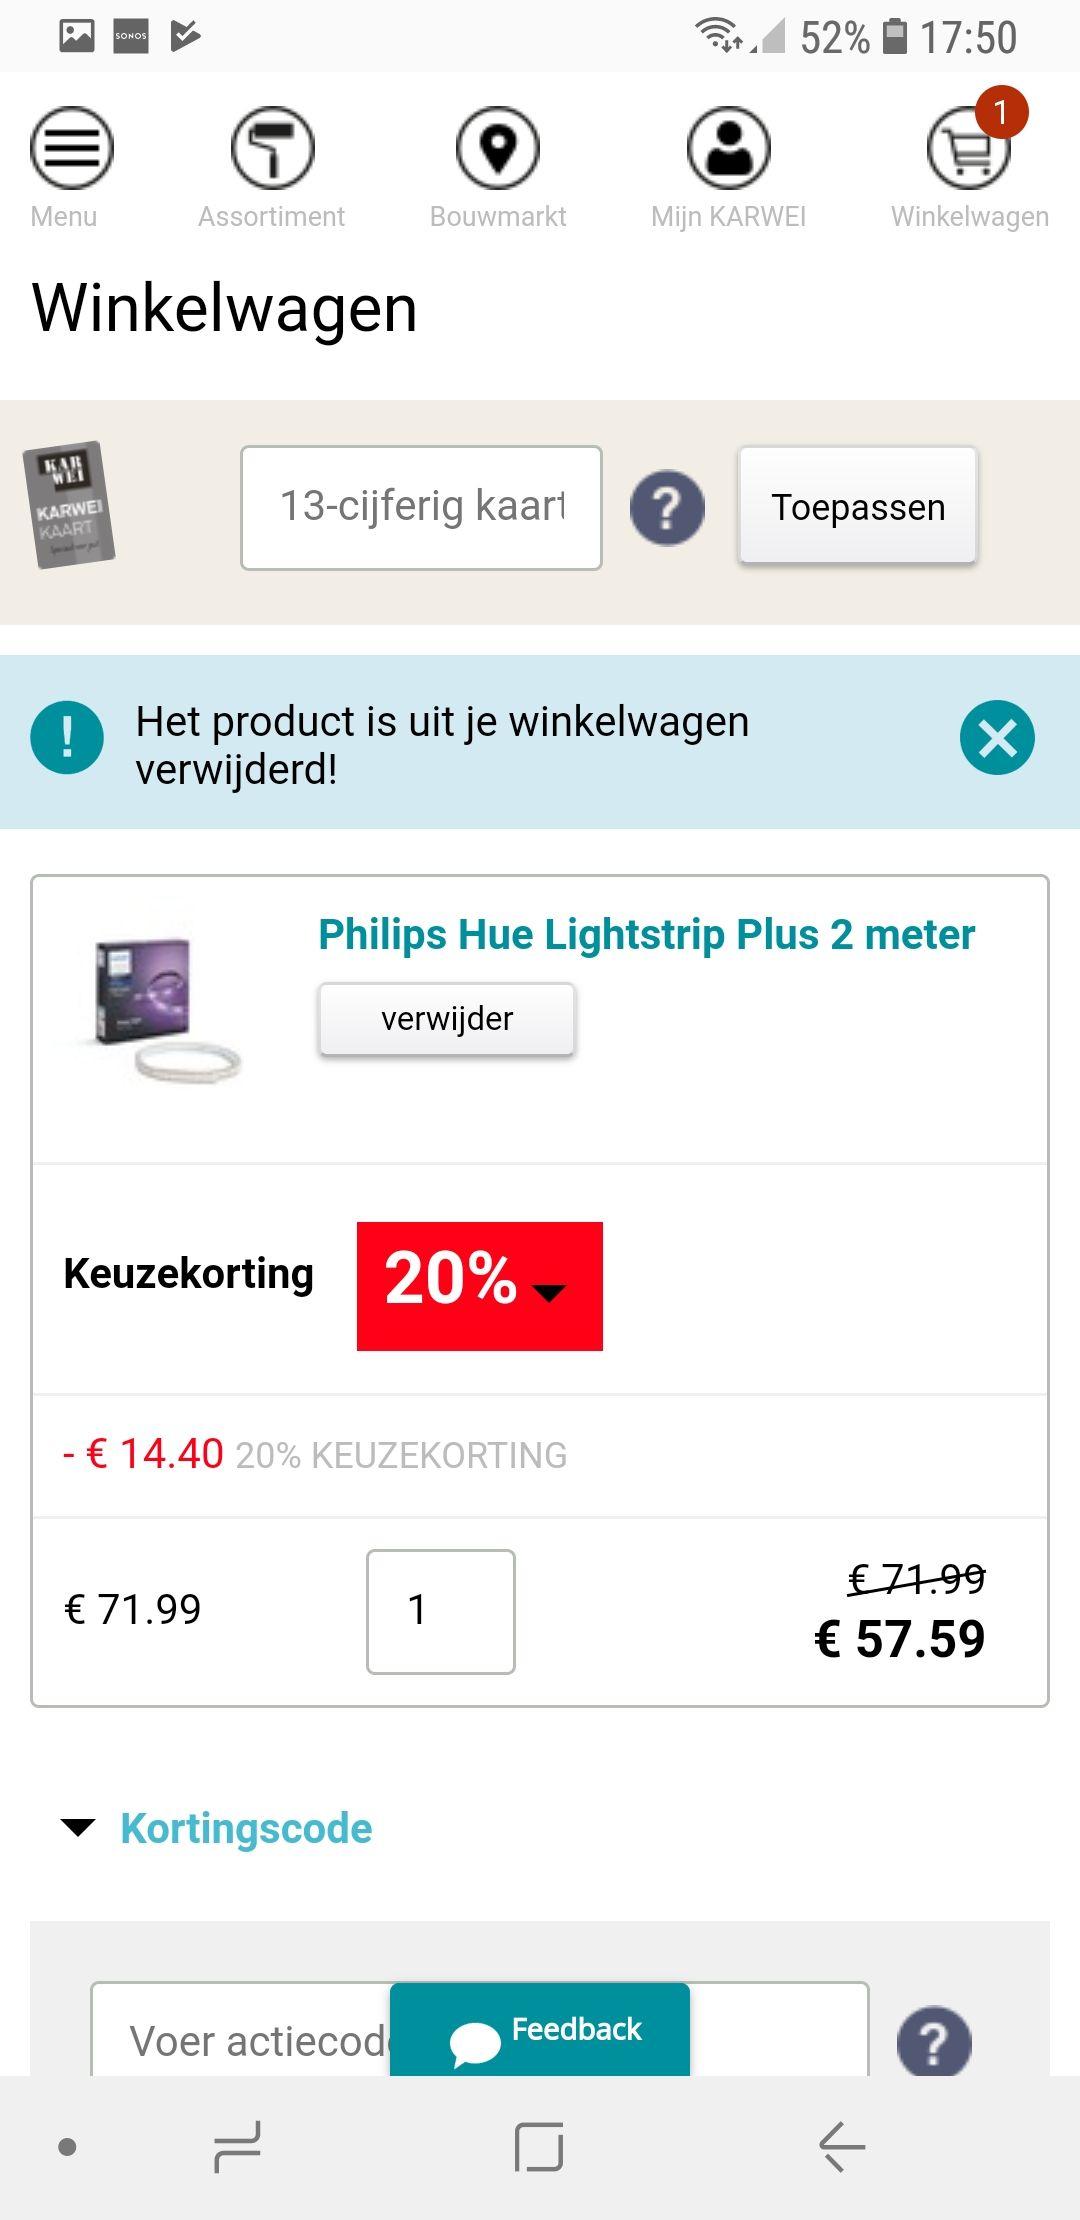 20% korting op 1 product naar keuze bij Karwei.nl o.a. op philips Hue